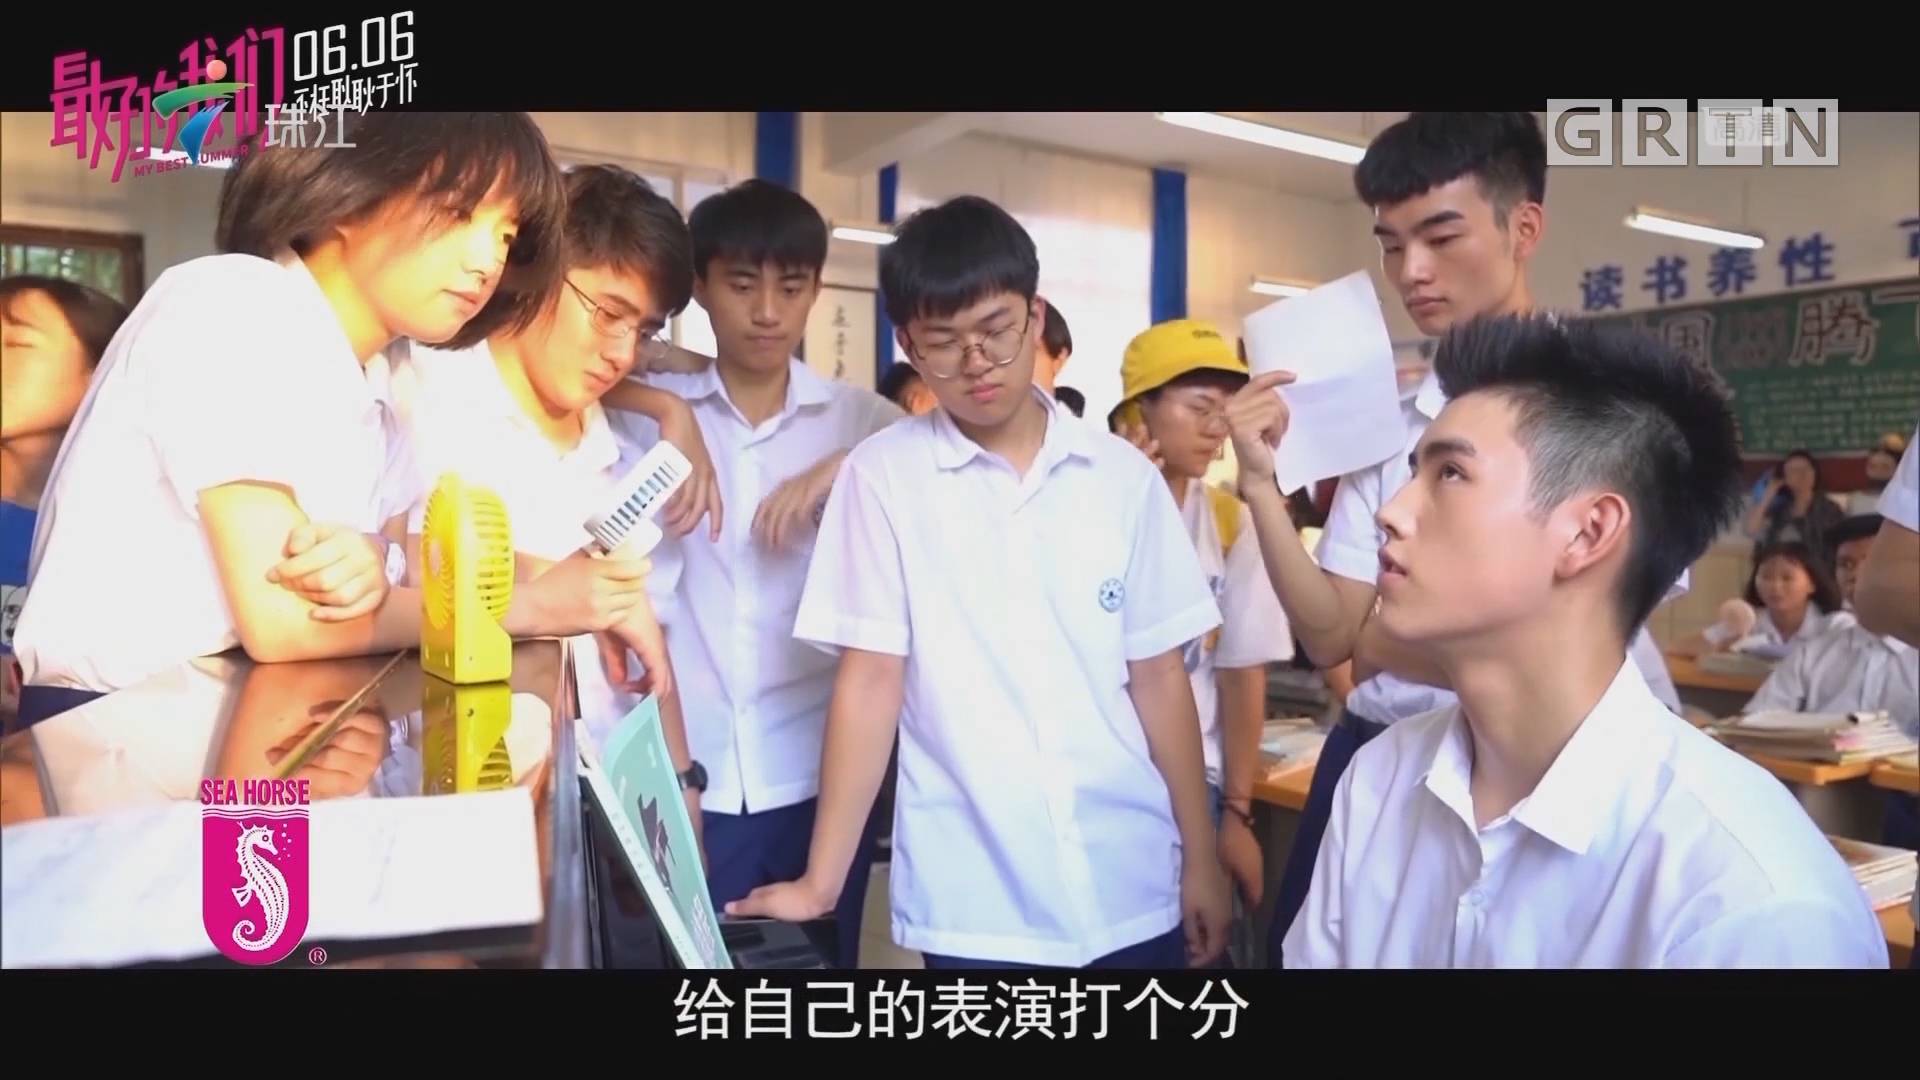 陈飞宇形象阳光成小学生偶像!《最好的我们》展现学霸风采